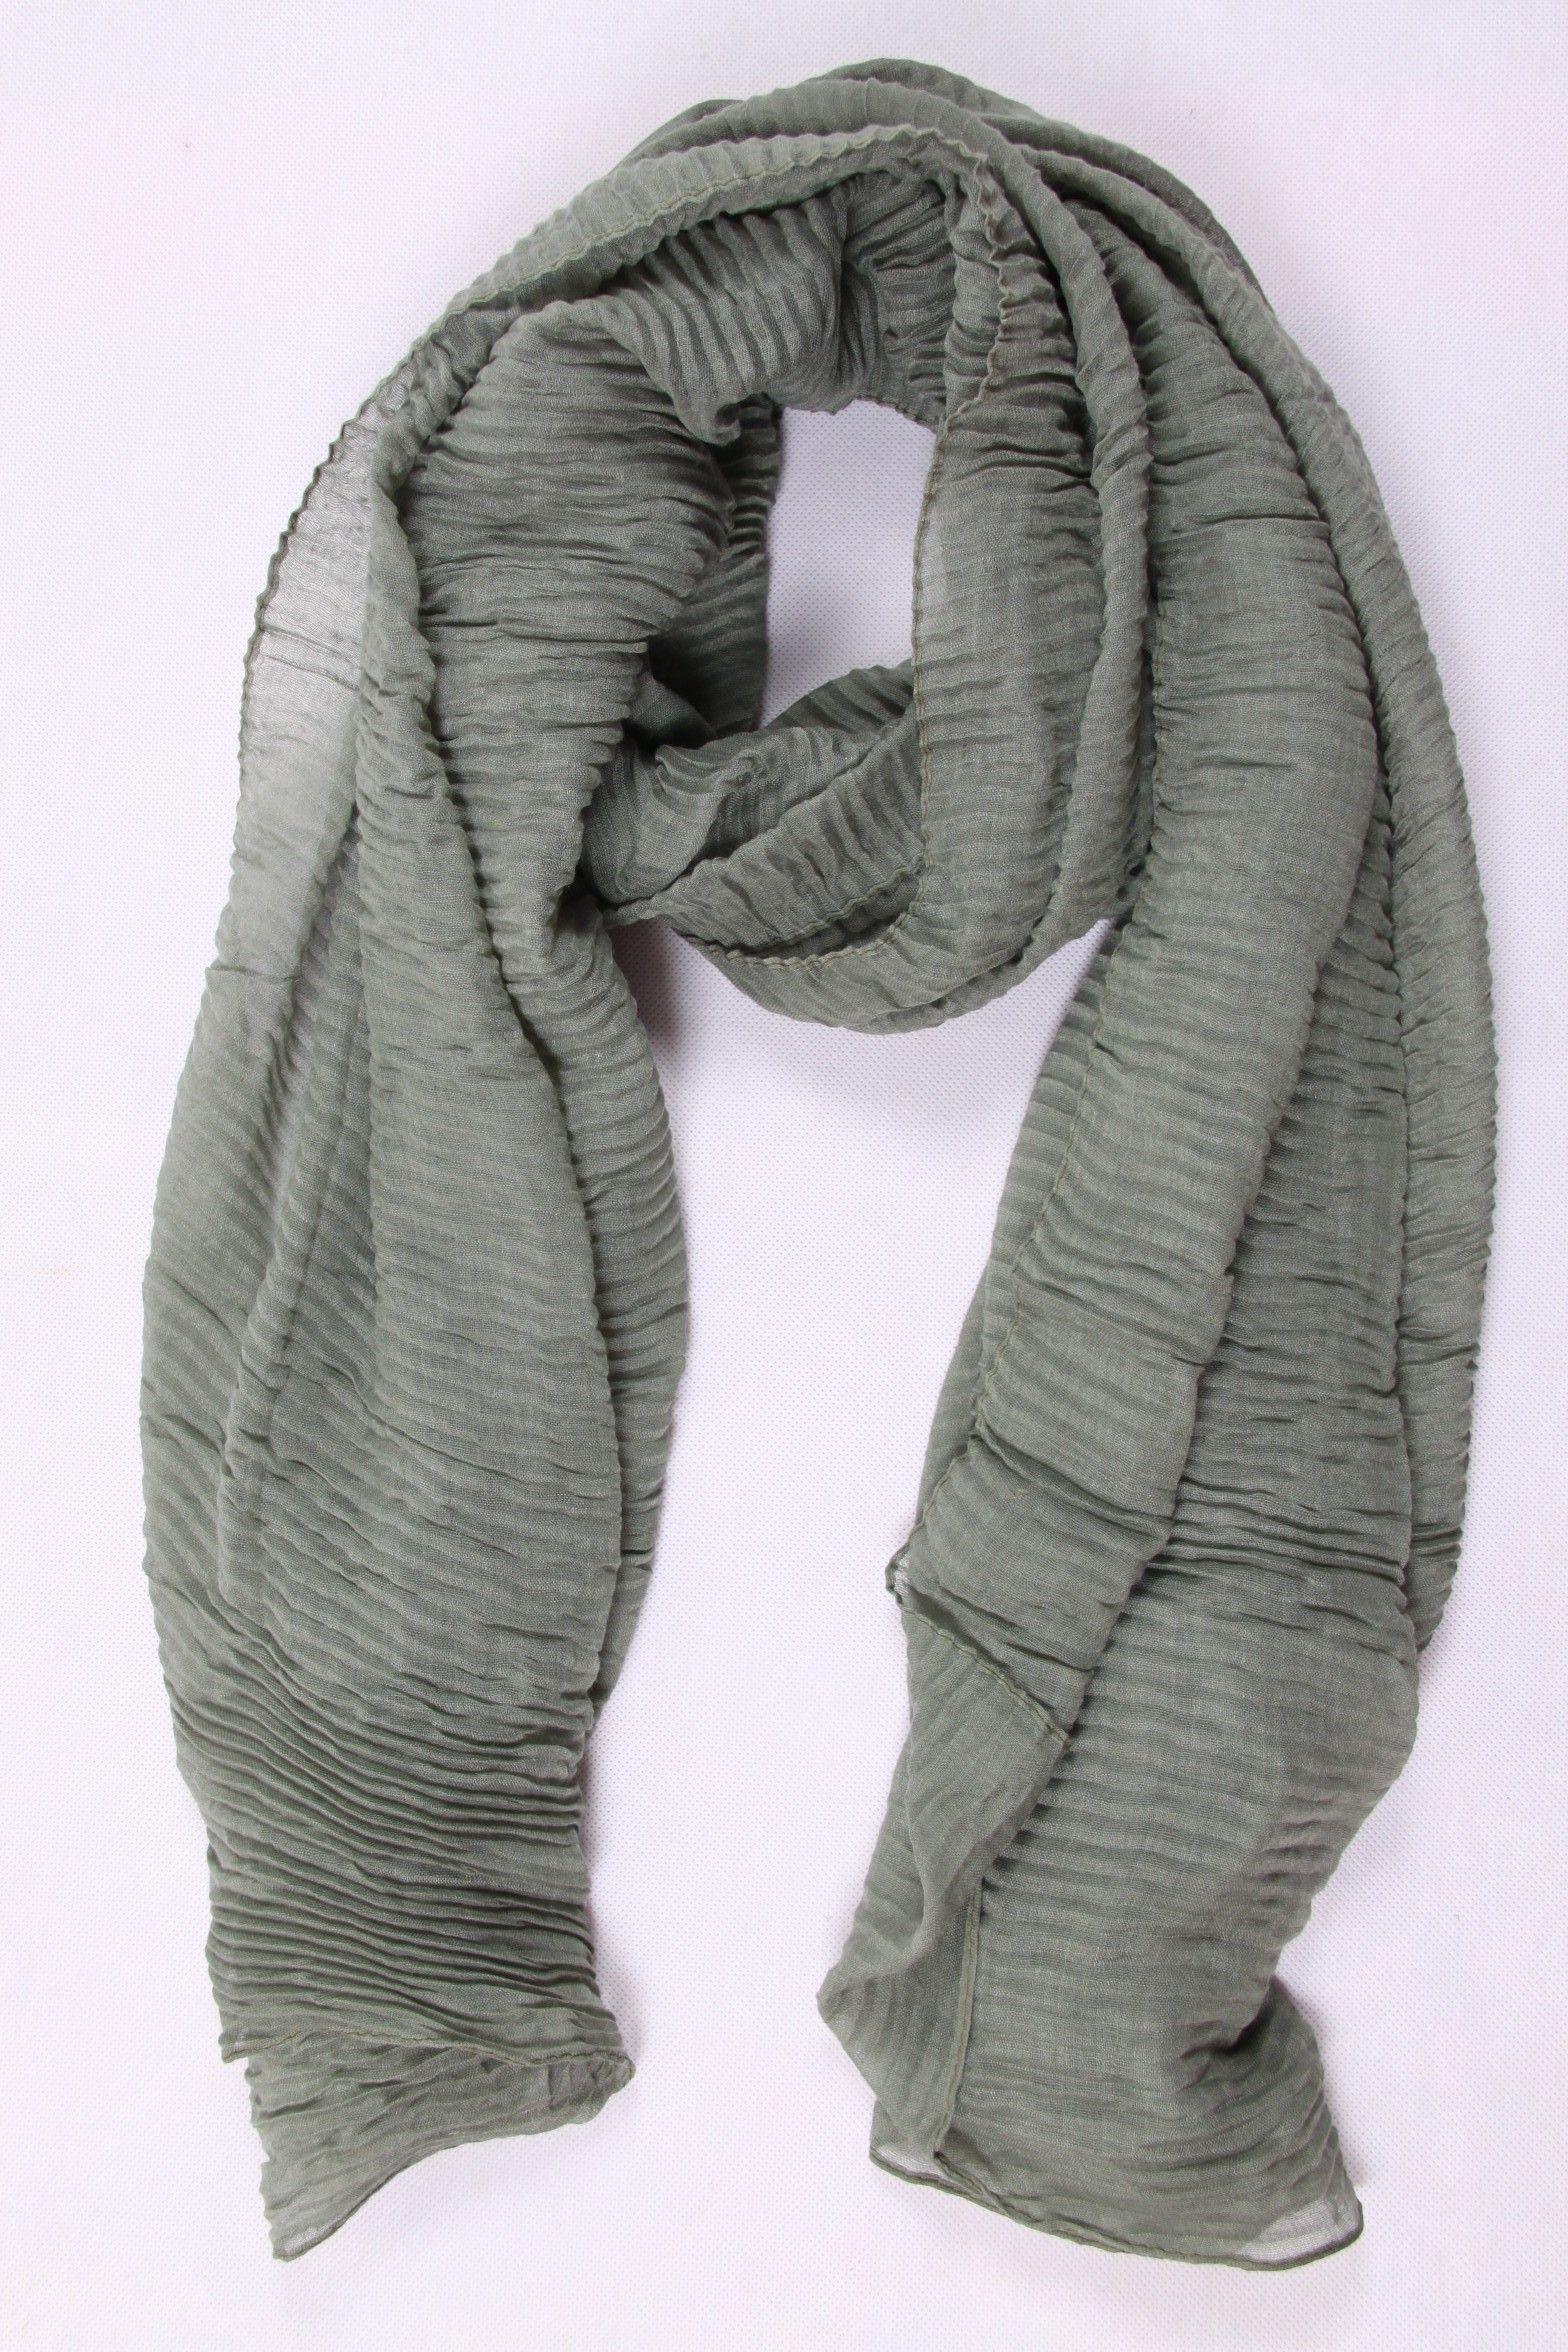 6a5a20f25e7f Foulard gaufré gris en coton et viscose   Foulard Femme   Pinterest ...